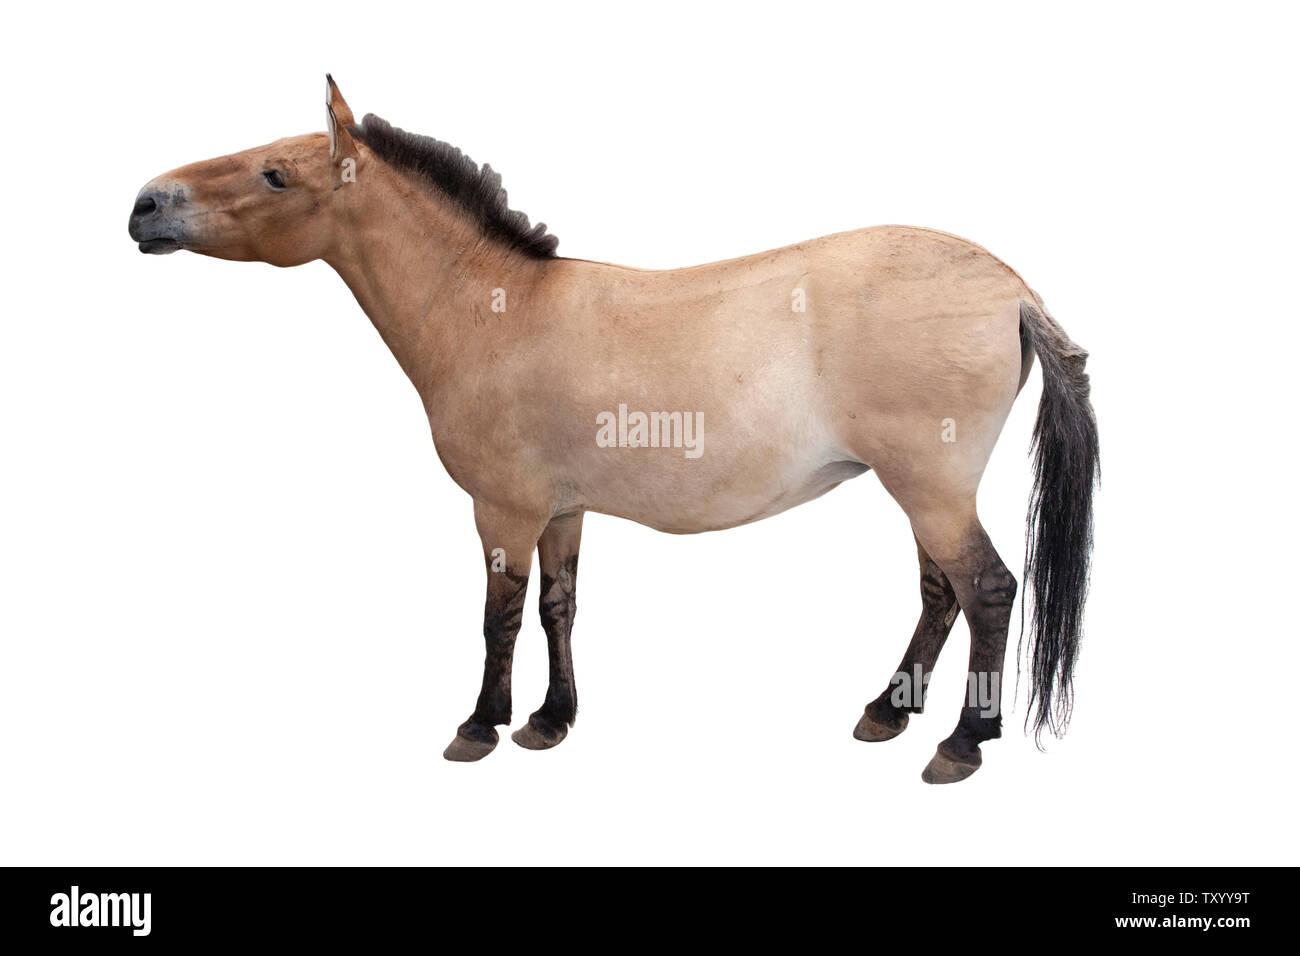 Horse close up isolated on white background. - Stock Image